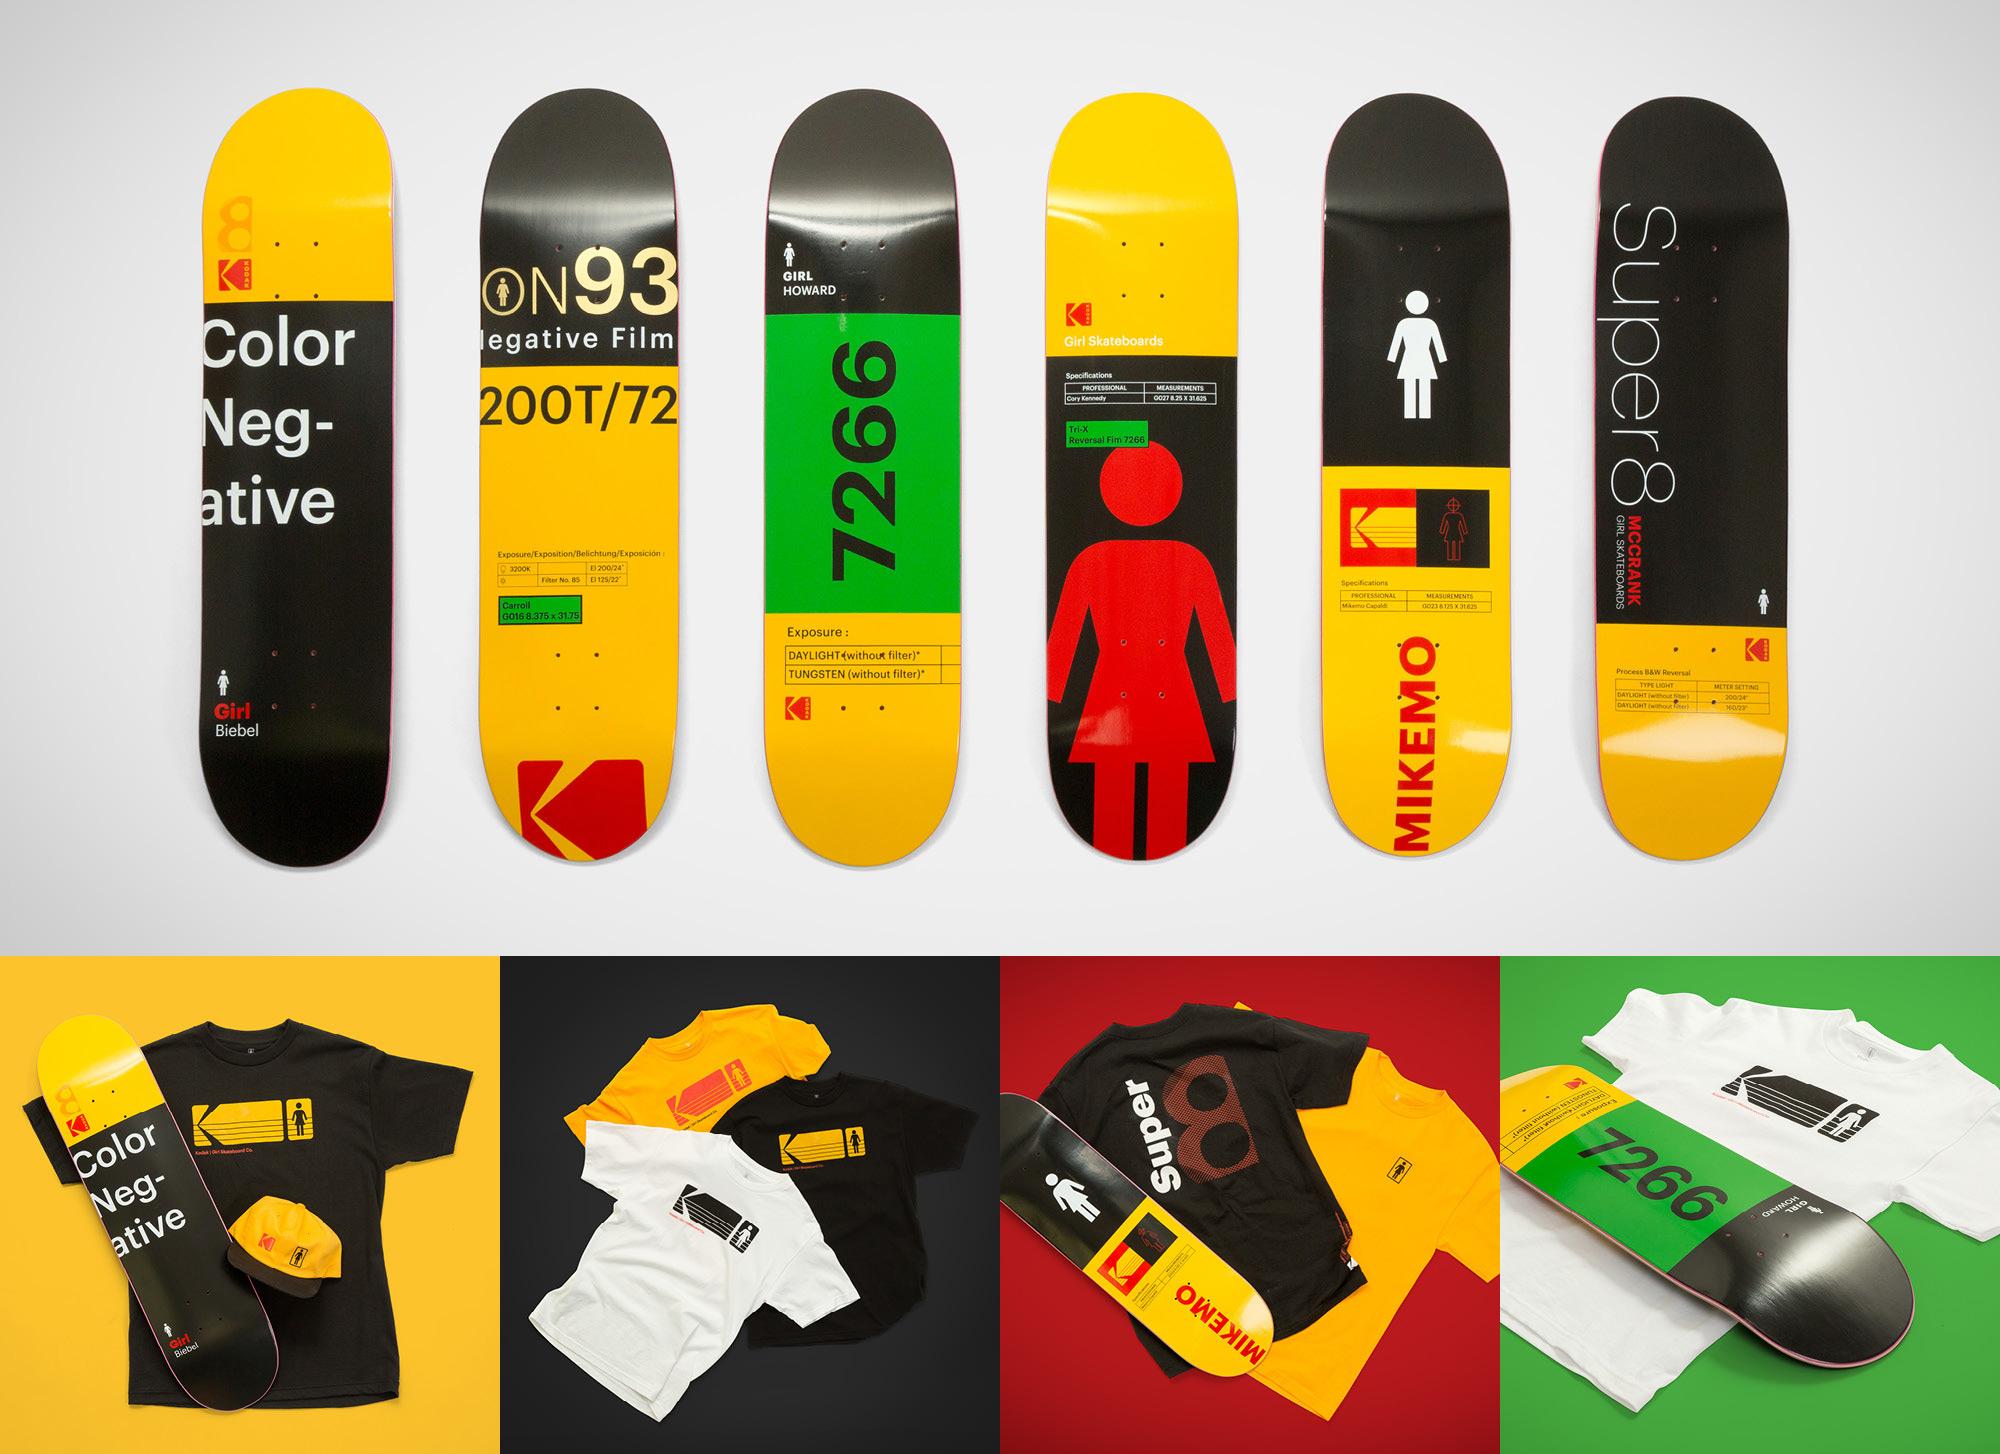 GIRL Skateboards X KODAK Collabo.jpg